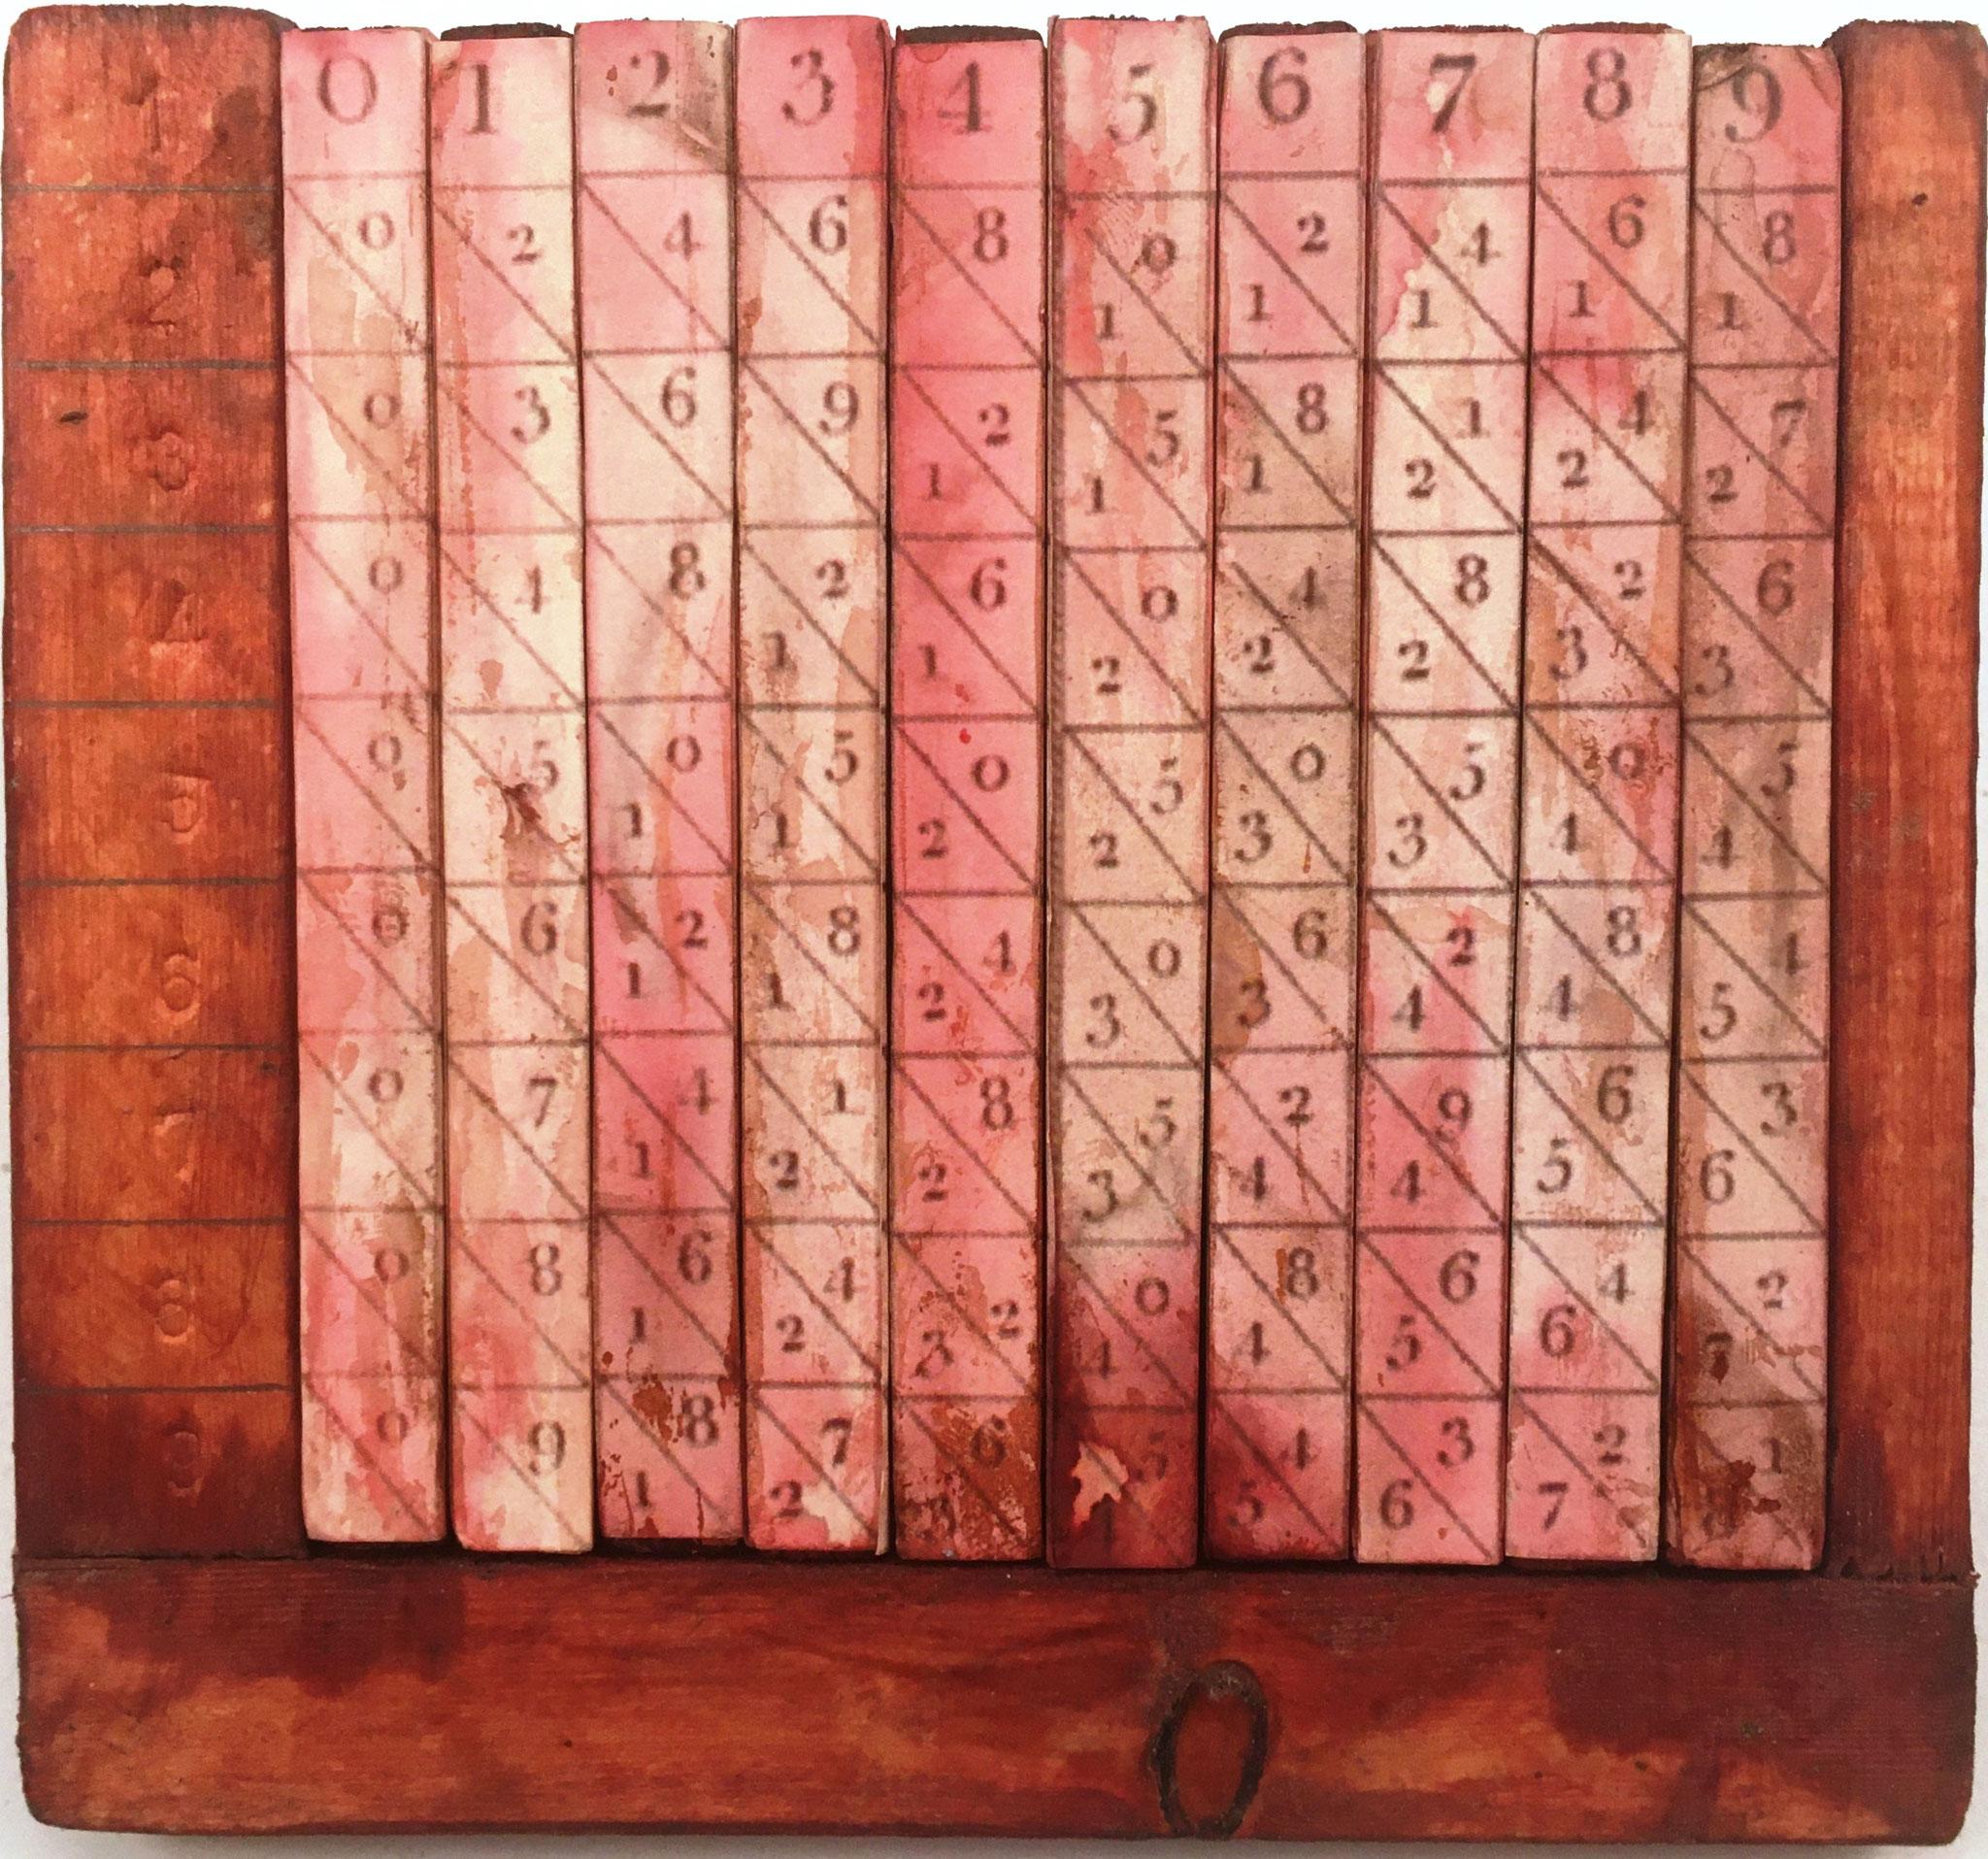 Ábaco multiplicativo de Napier, hecho en Italia, hacia 1900, 10 varillas cuadrangulares de 1x10 cm en su base